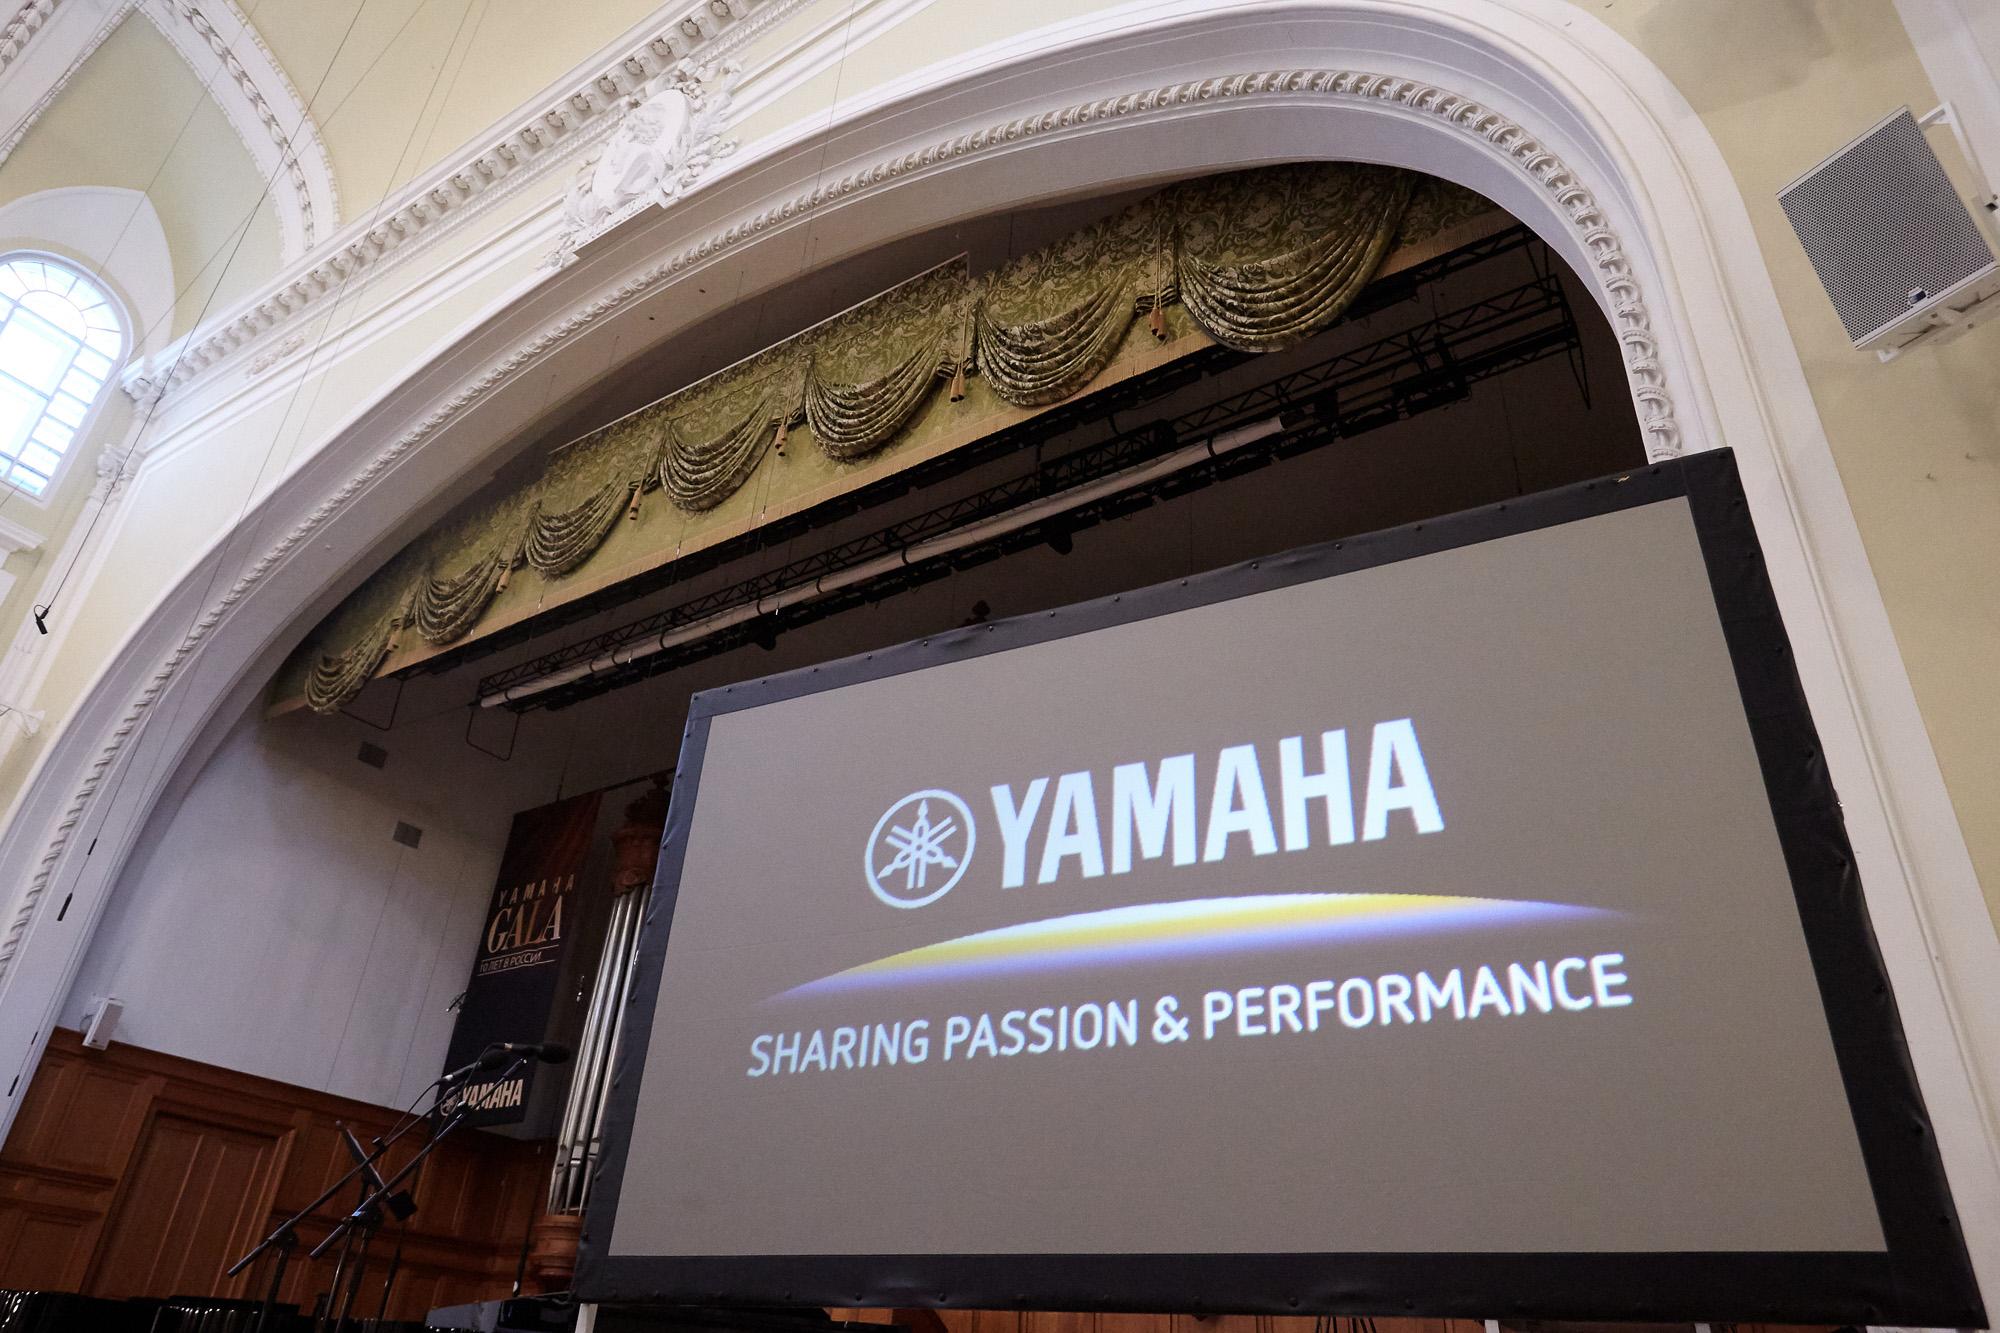 2017-05-29 Yamaha Gala 066